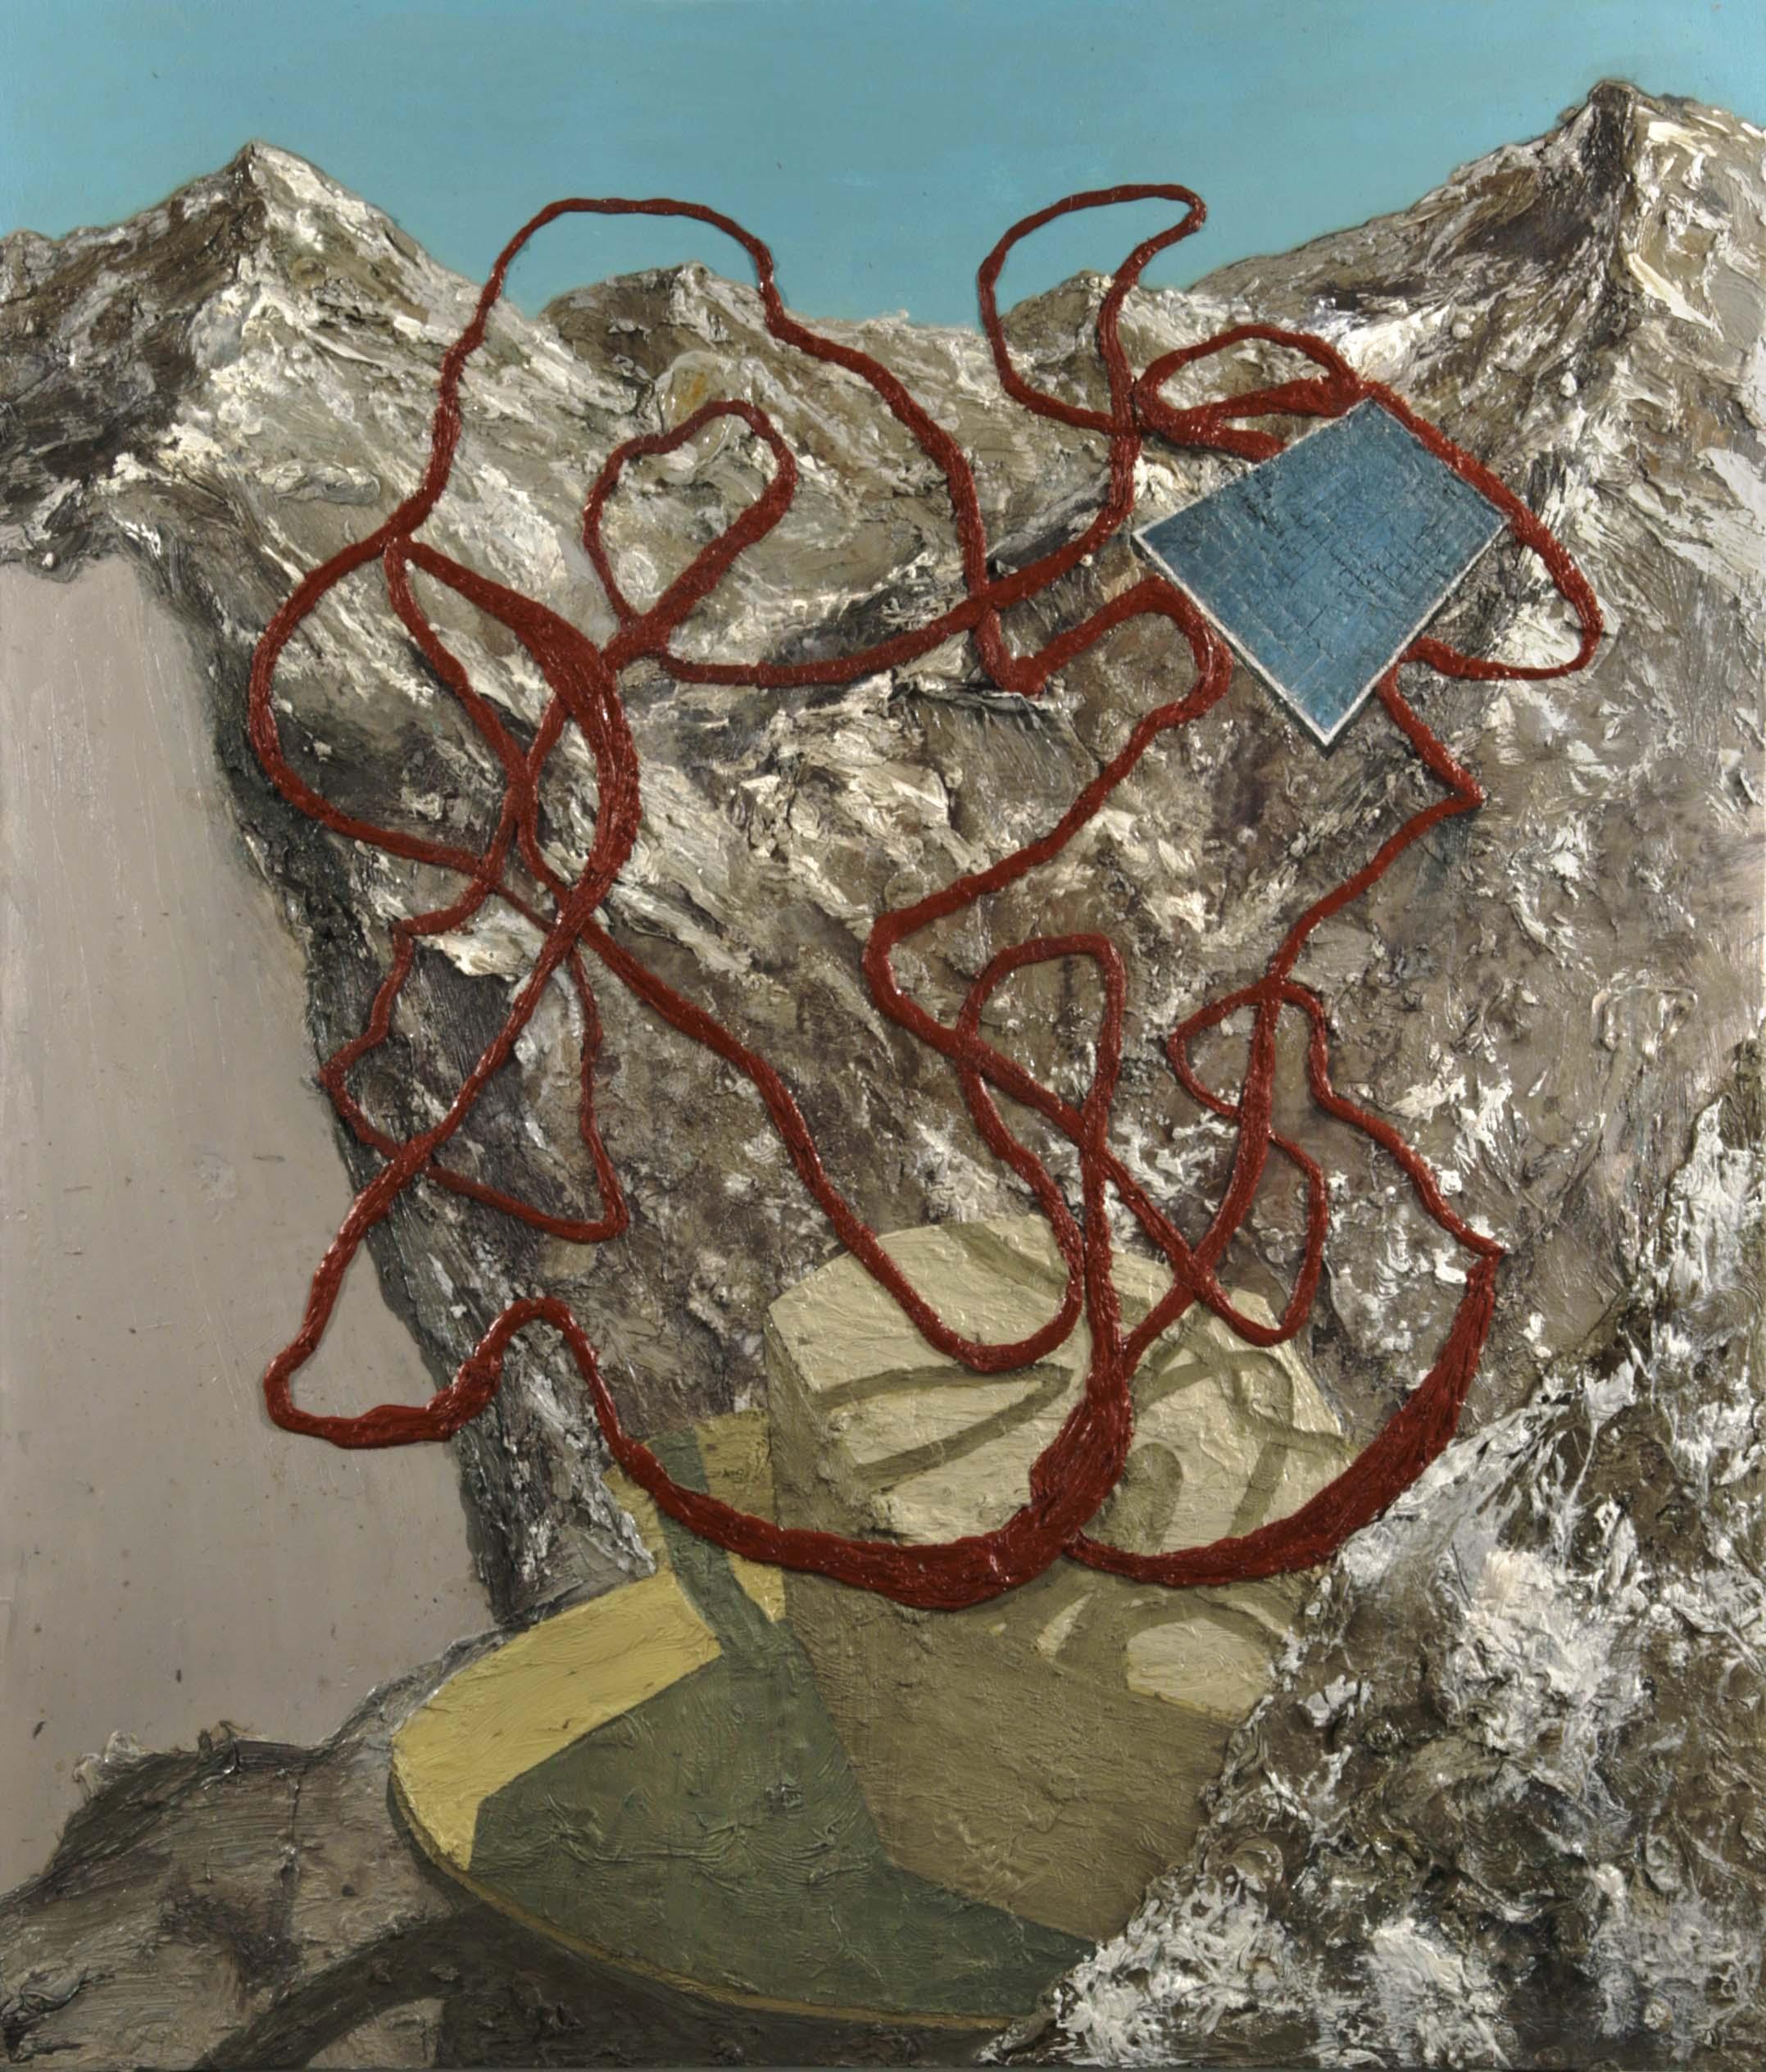 Solar Powered Sculpture on Mountain